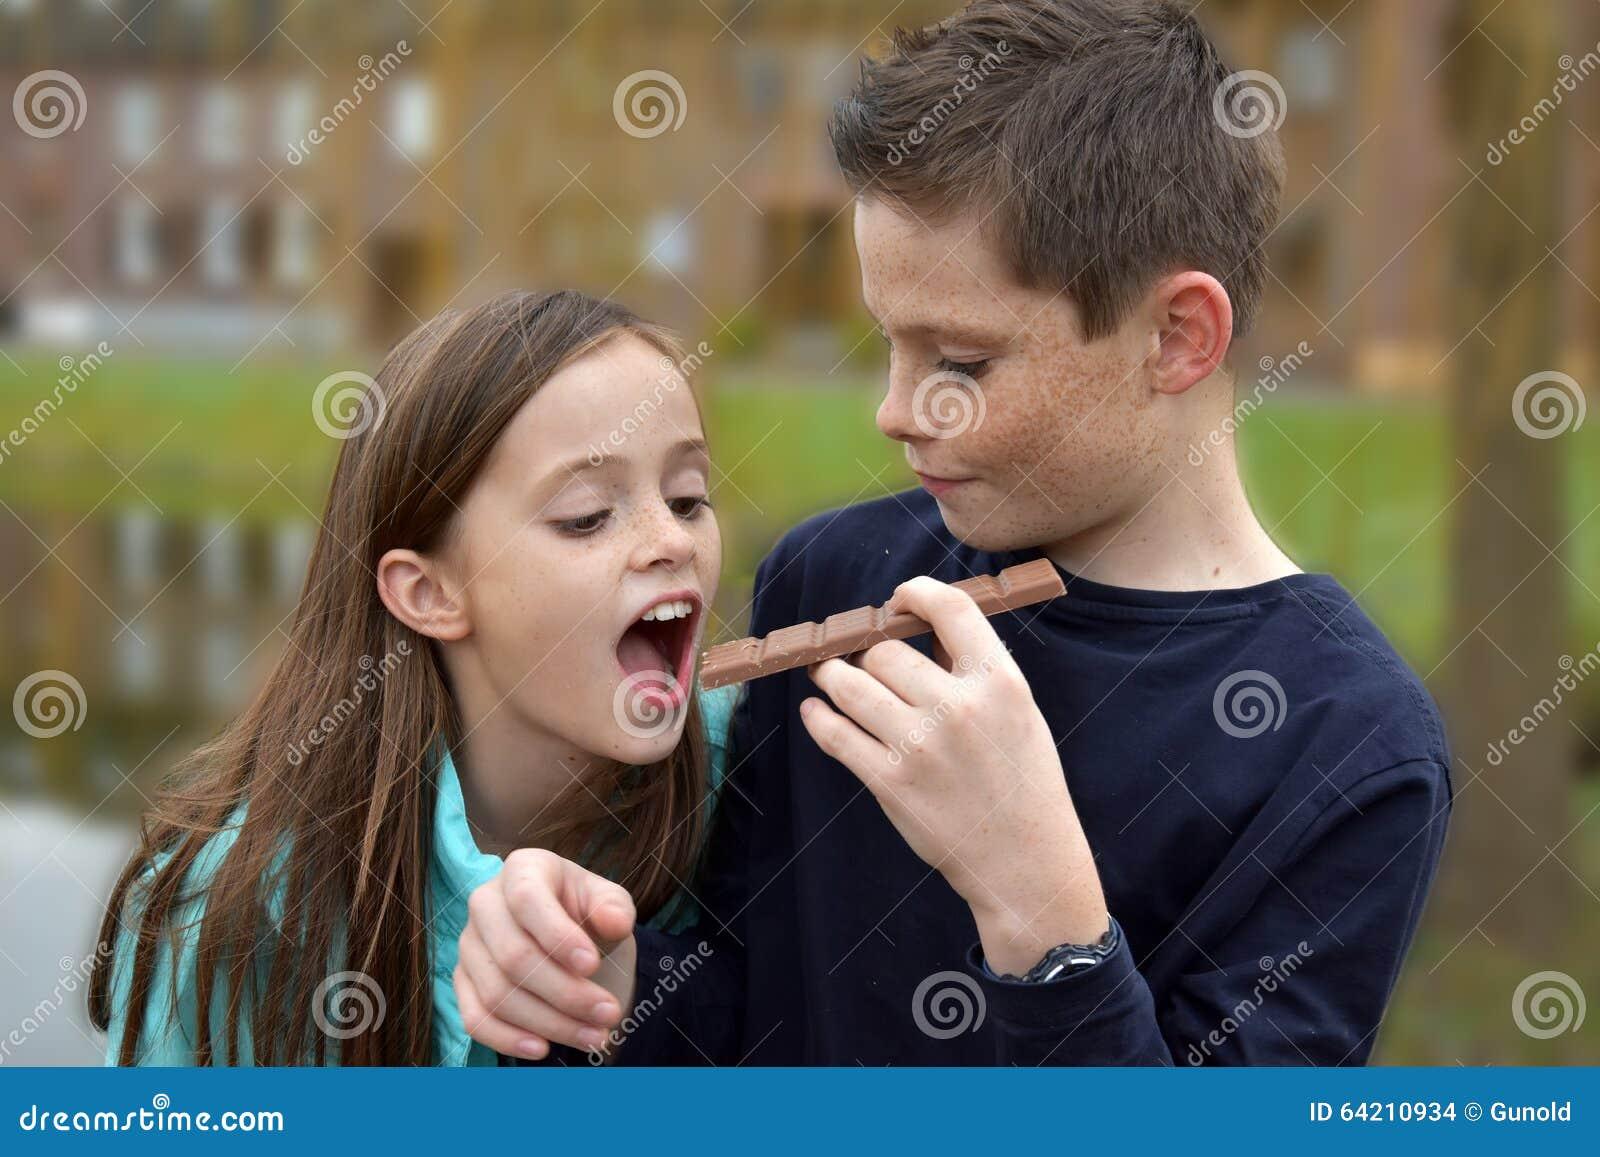 Fratelli germani che mangiano cioccolato